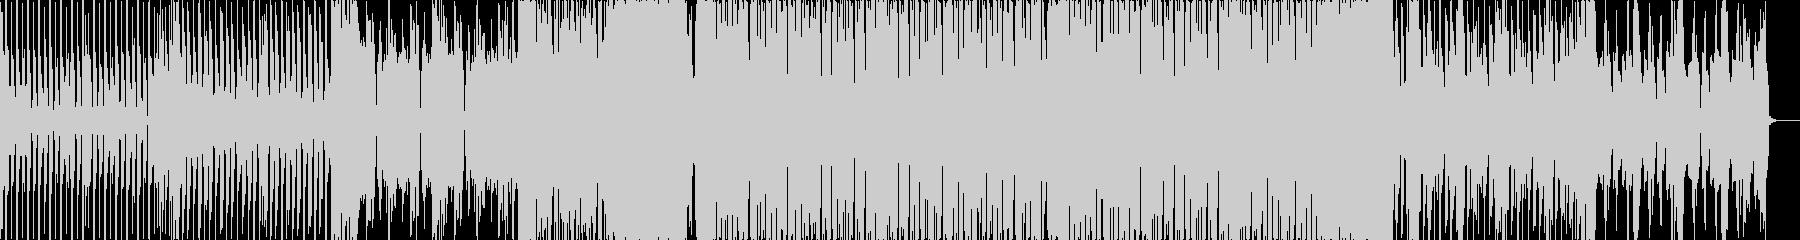 テクノっぽいベースハウスの未再生の波形